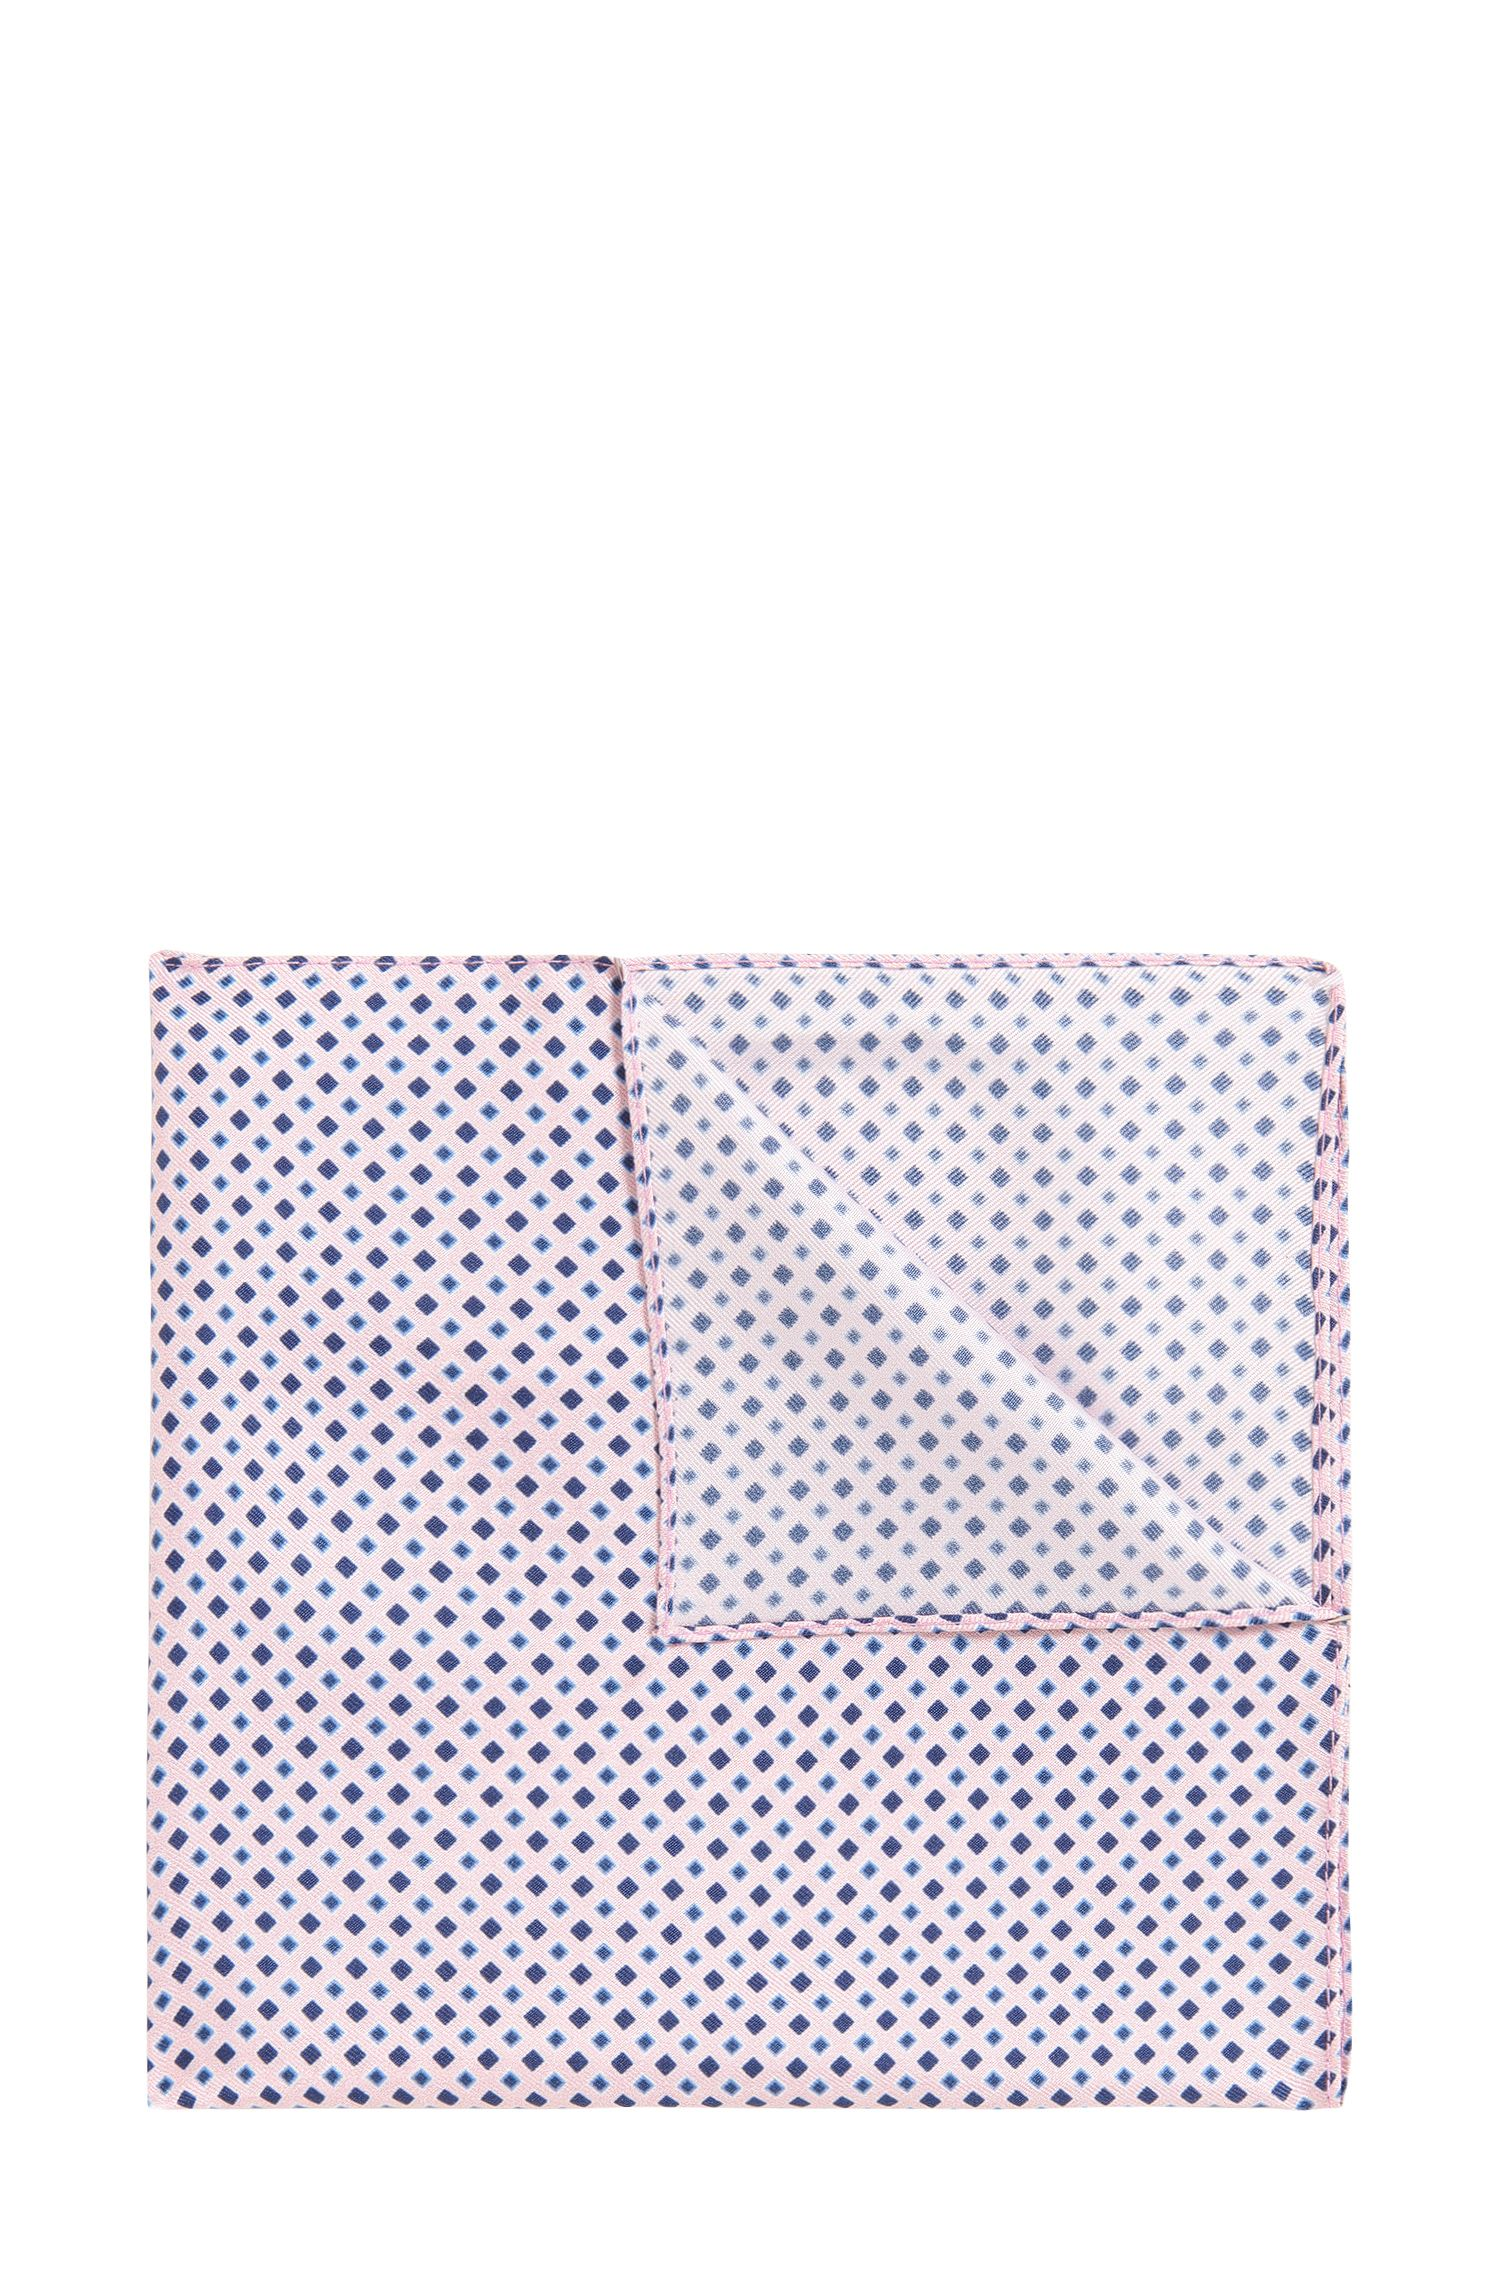 Pochette en soie fine à l'imprimé diamant